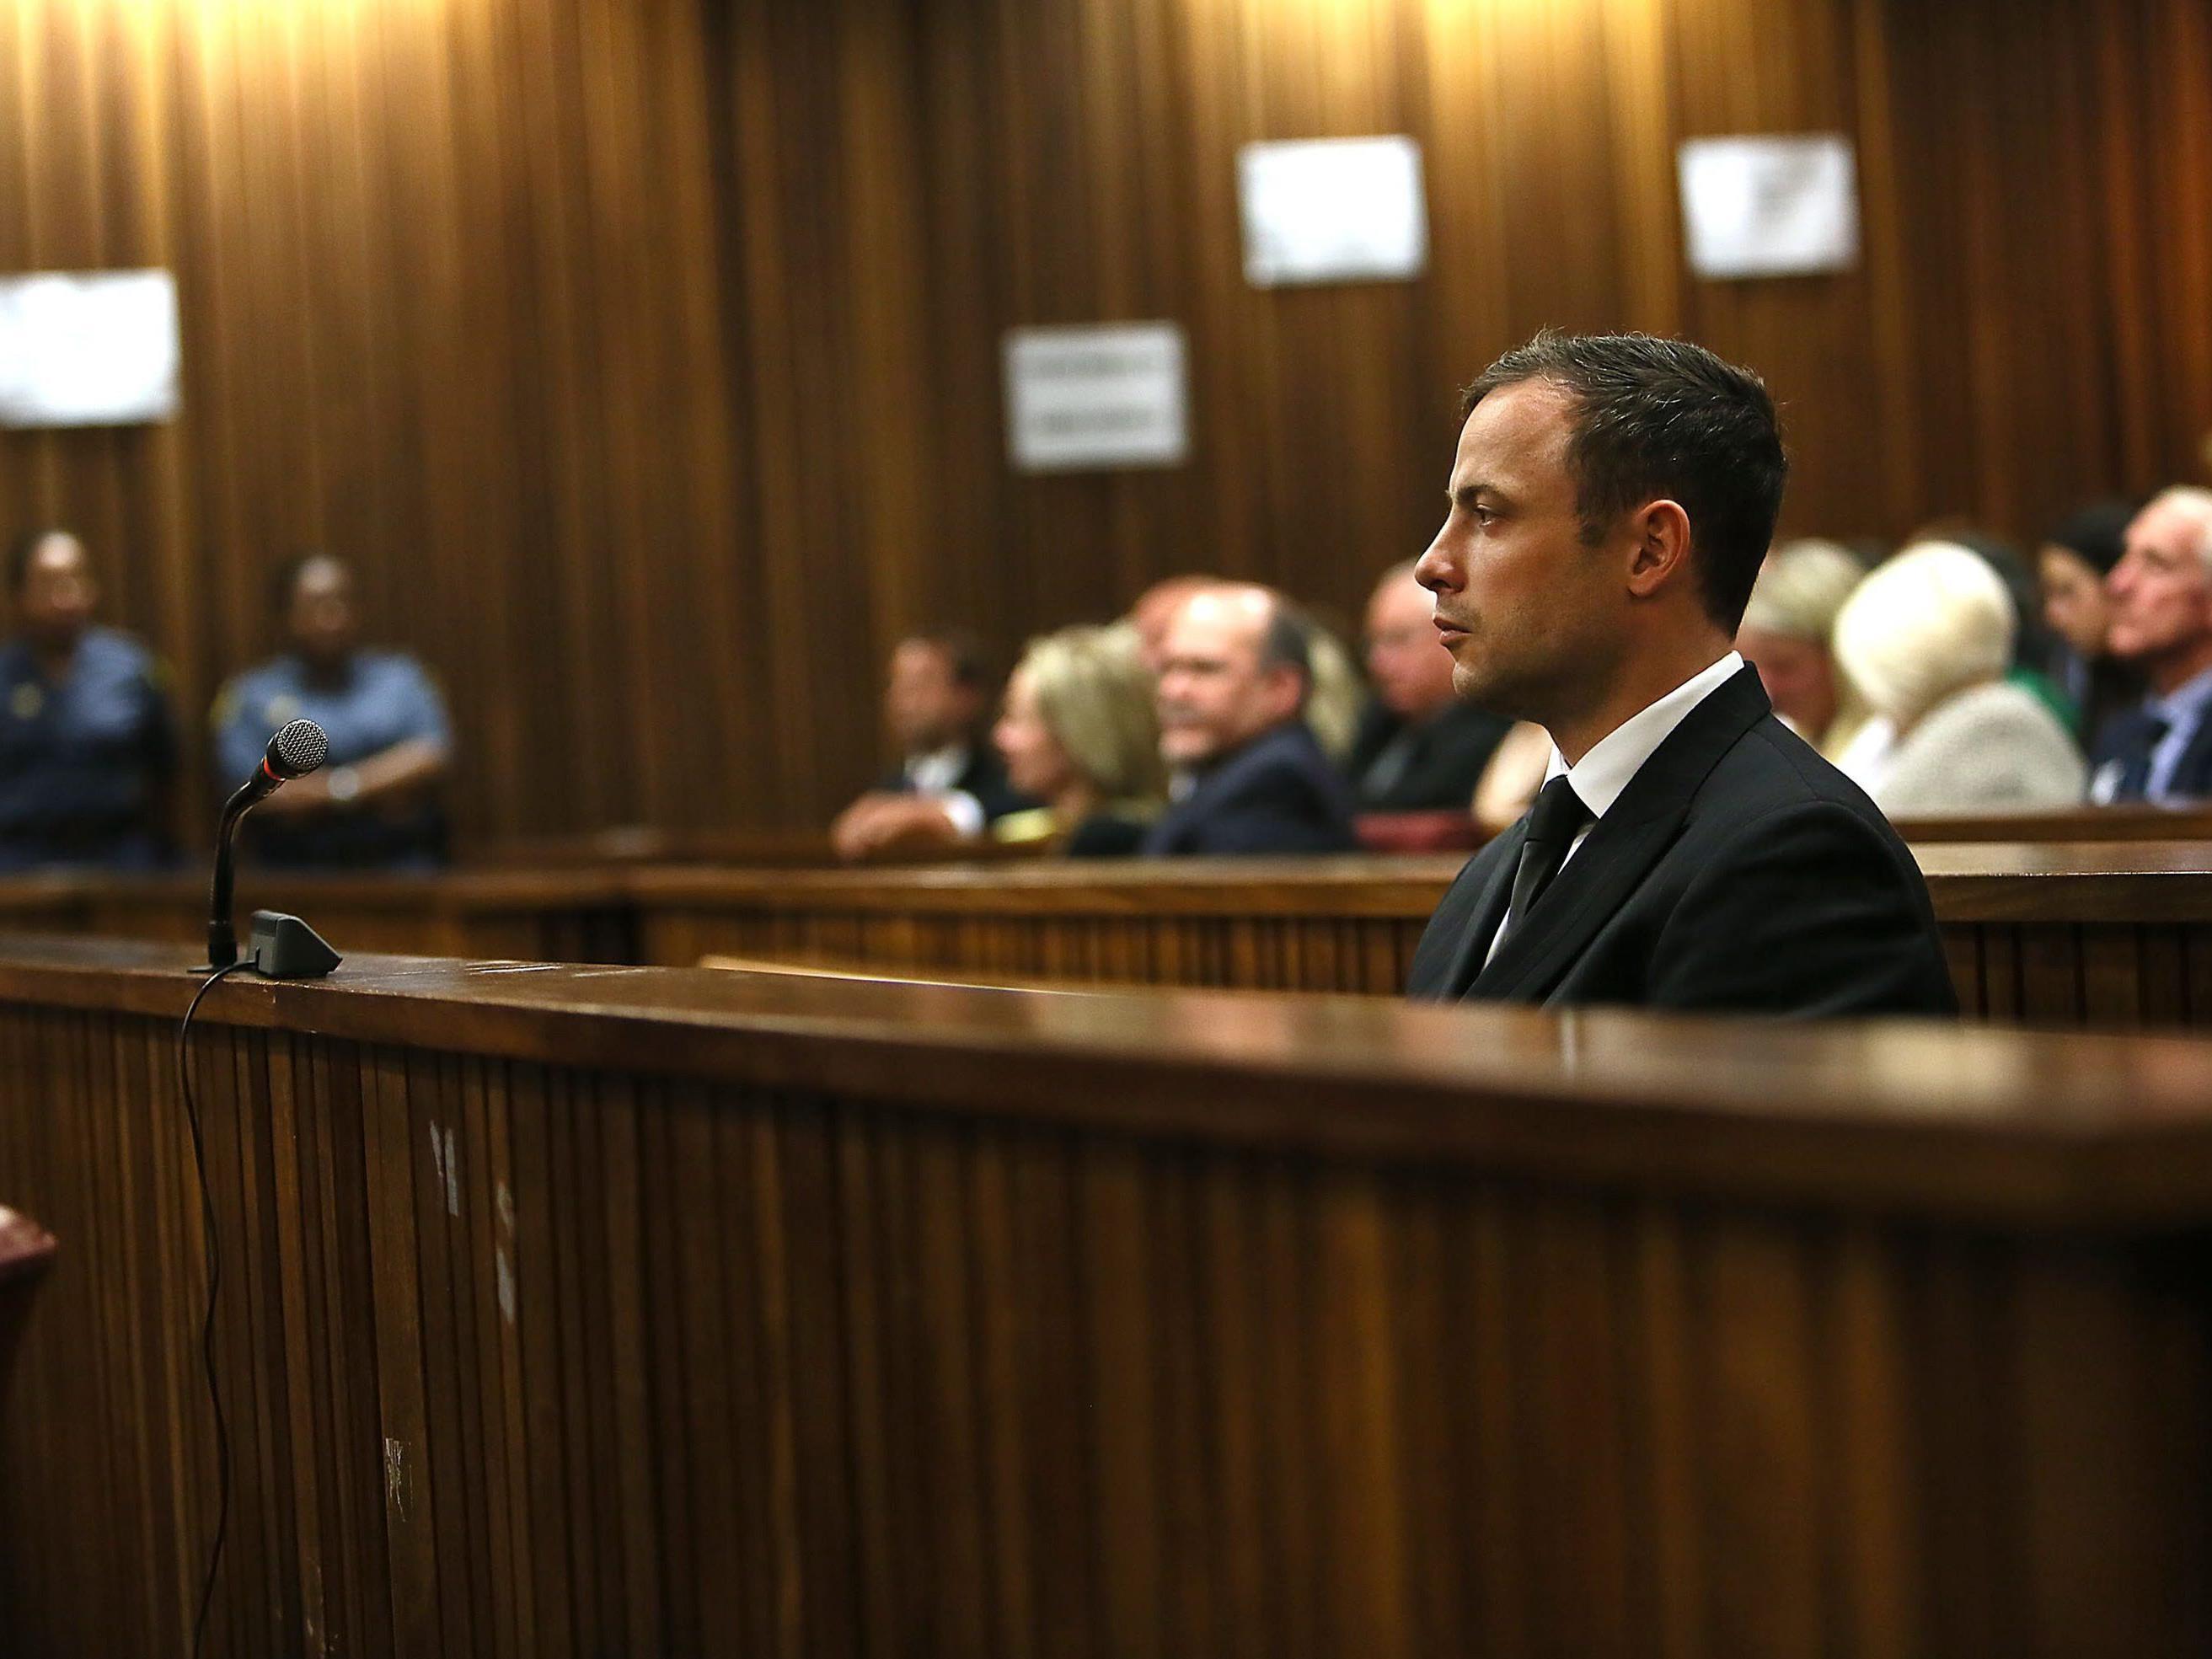 Für Oscar Pistorius ging der Prozess gut aus.